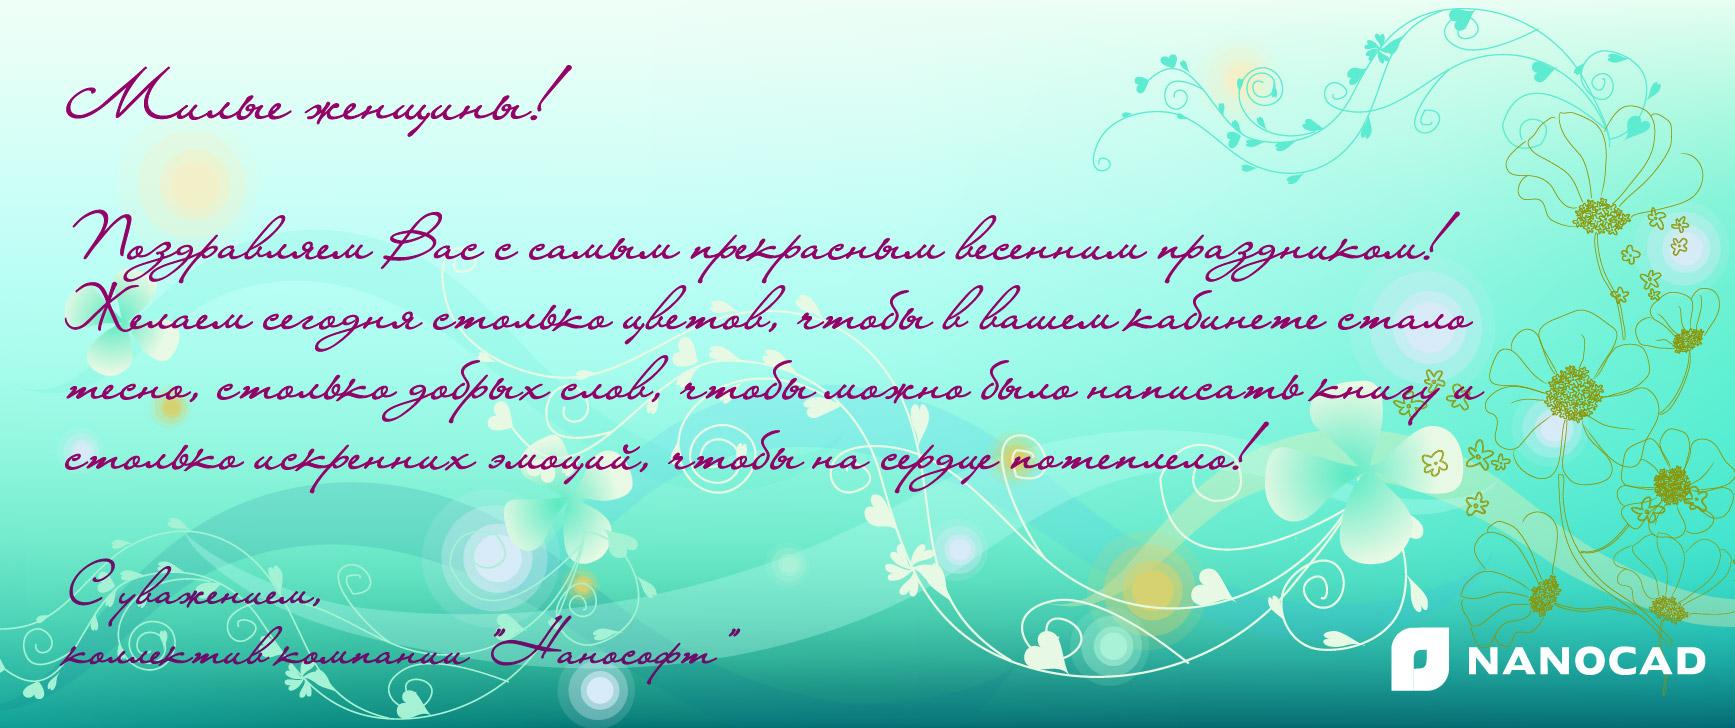 открытка партнеру: